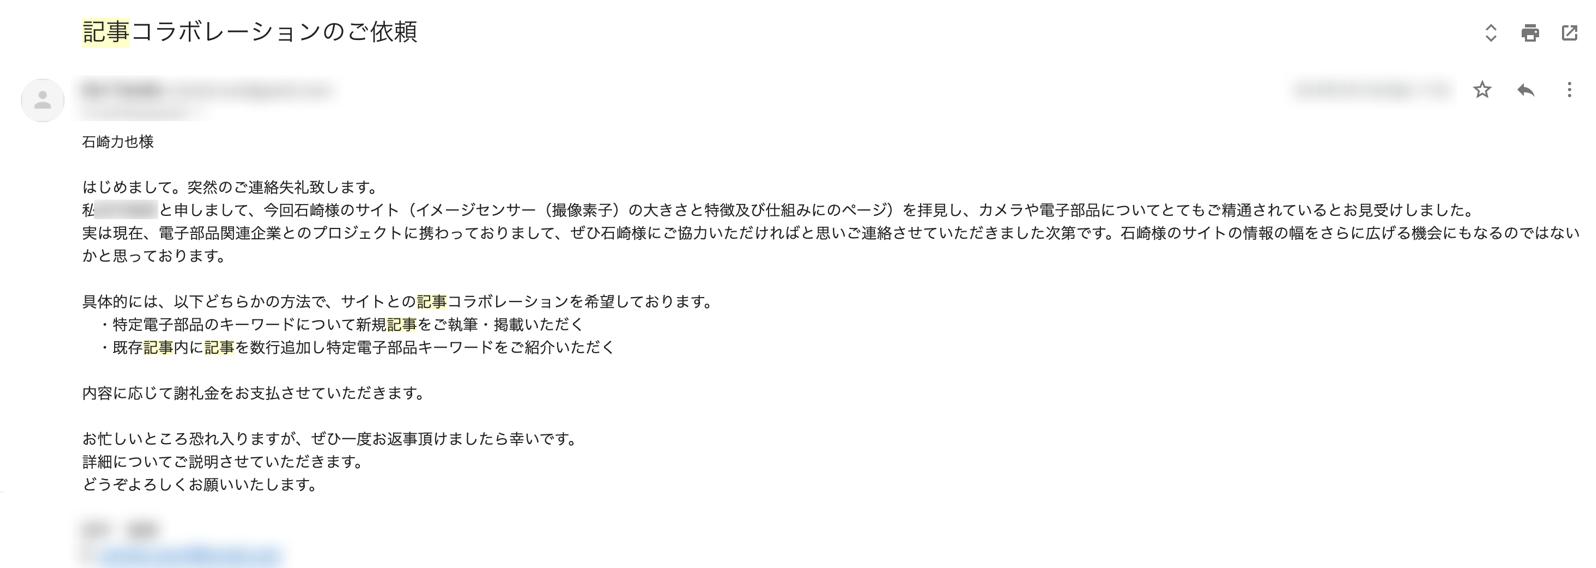 記事コラボレーションのご依頼 rikiya haamalu co jp Haamalu合同会社 メール